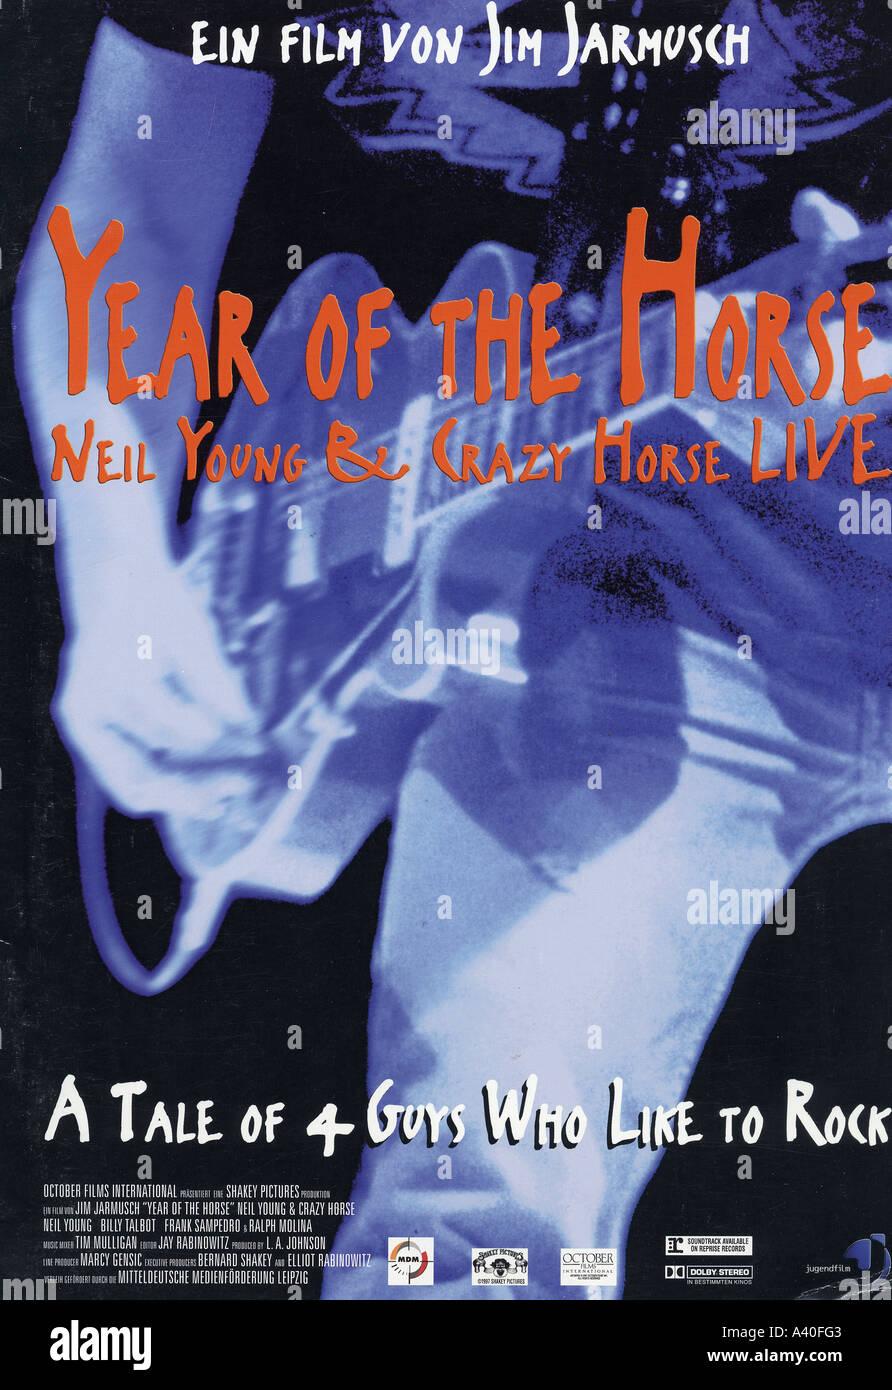 Año del Caballo cartel para 1997 Octubre /Shakey Pictures film sobre el músico Neil Young Imagen De Stock